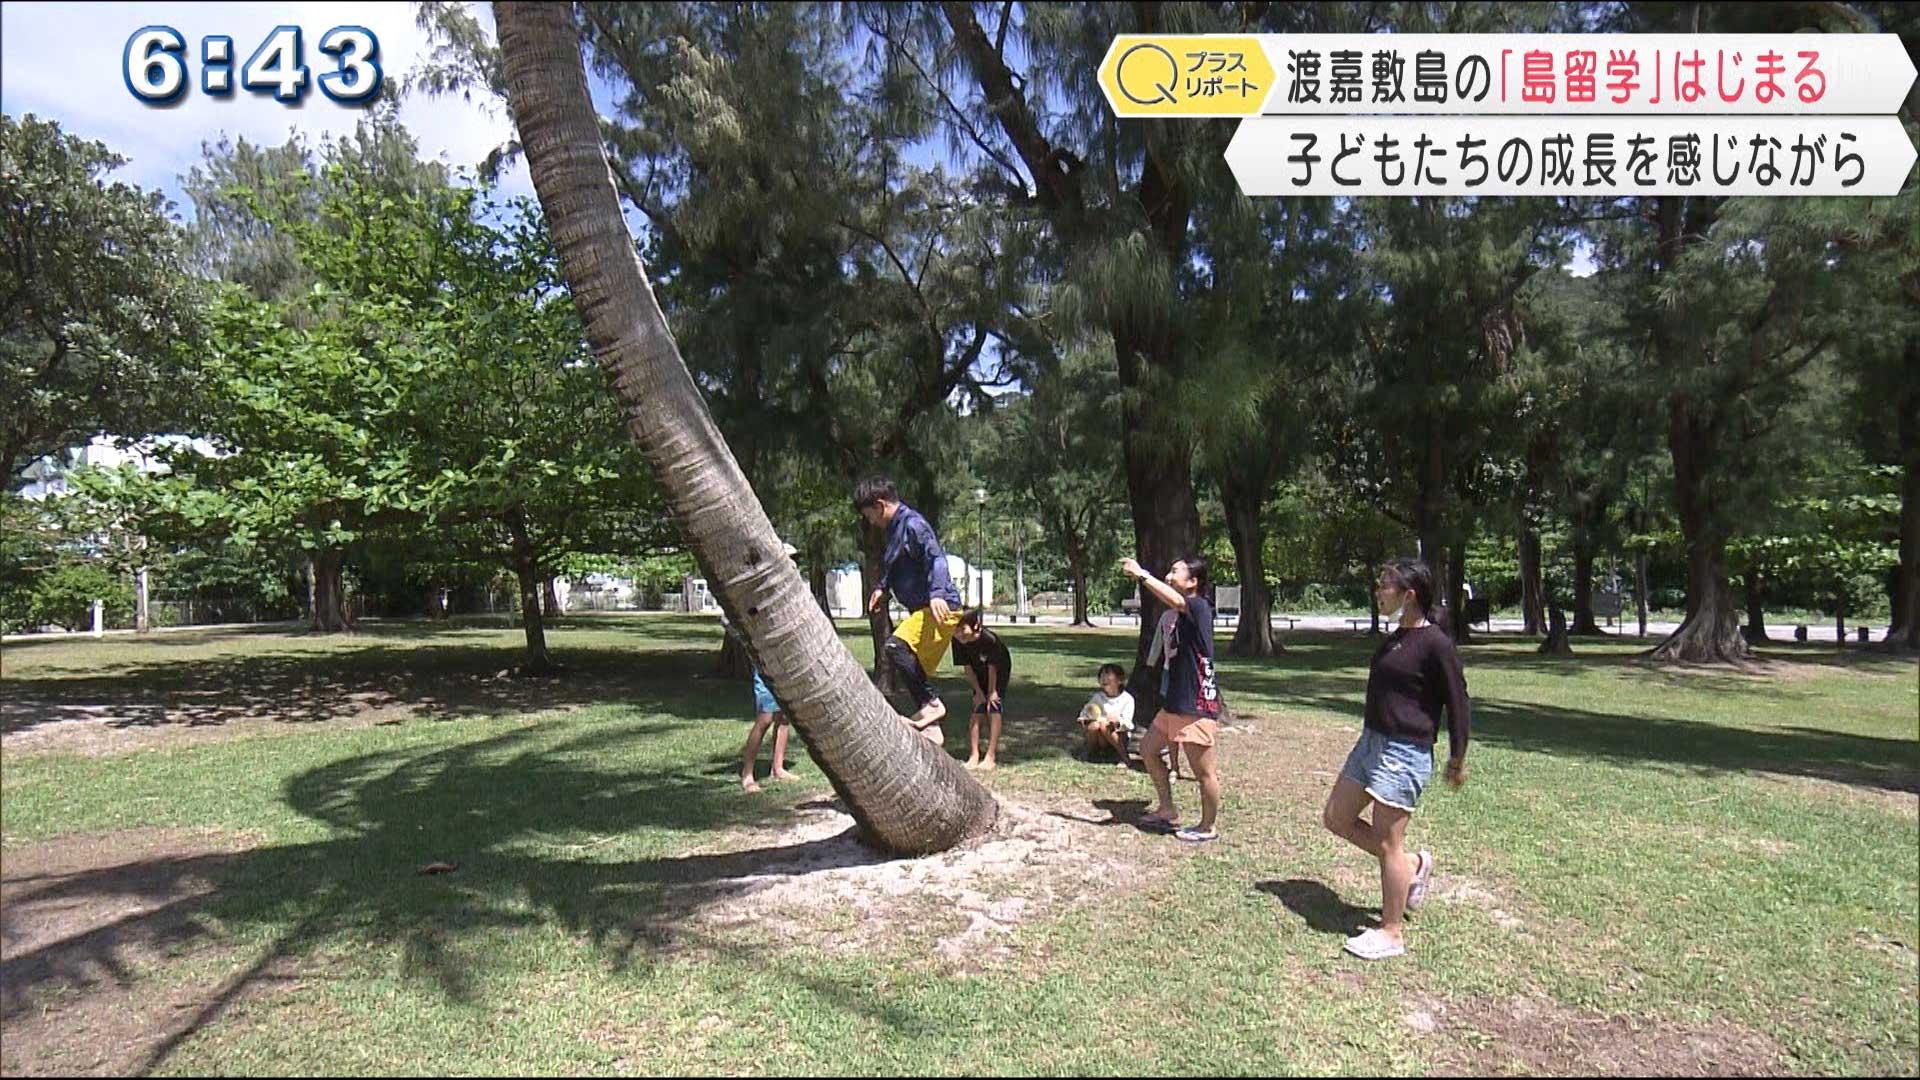 渡嘉敷島留学「わらびや」の春